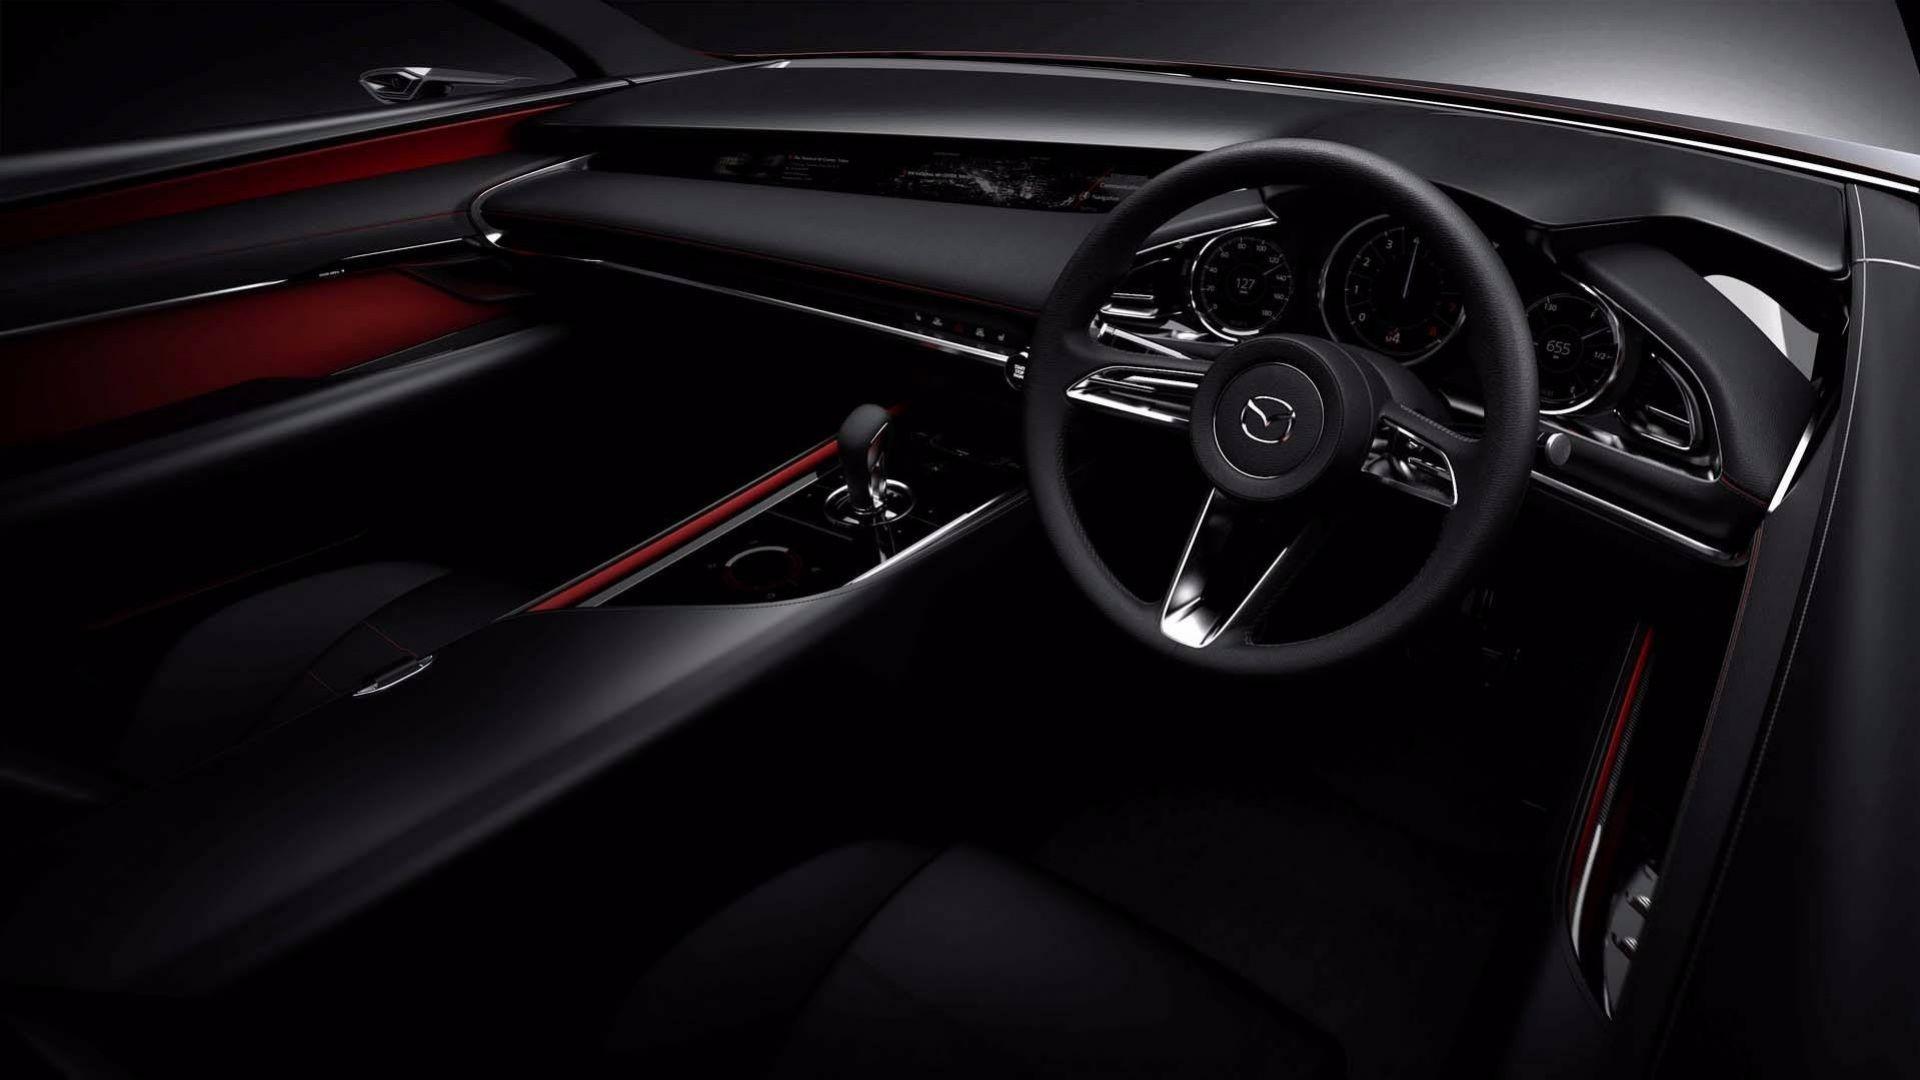 Nuova Mazda 3 Concept Al Salone Di Ginevra 2018 Con